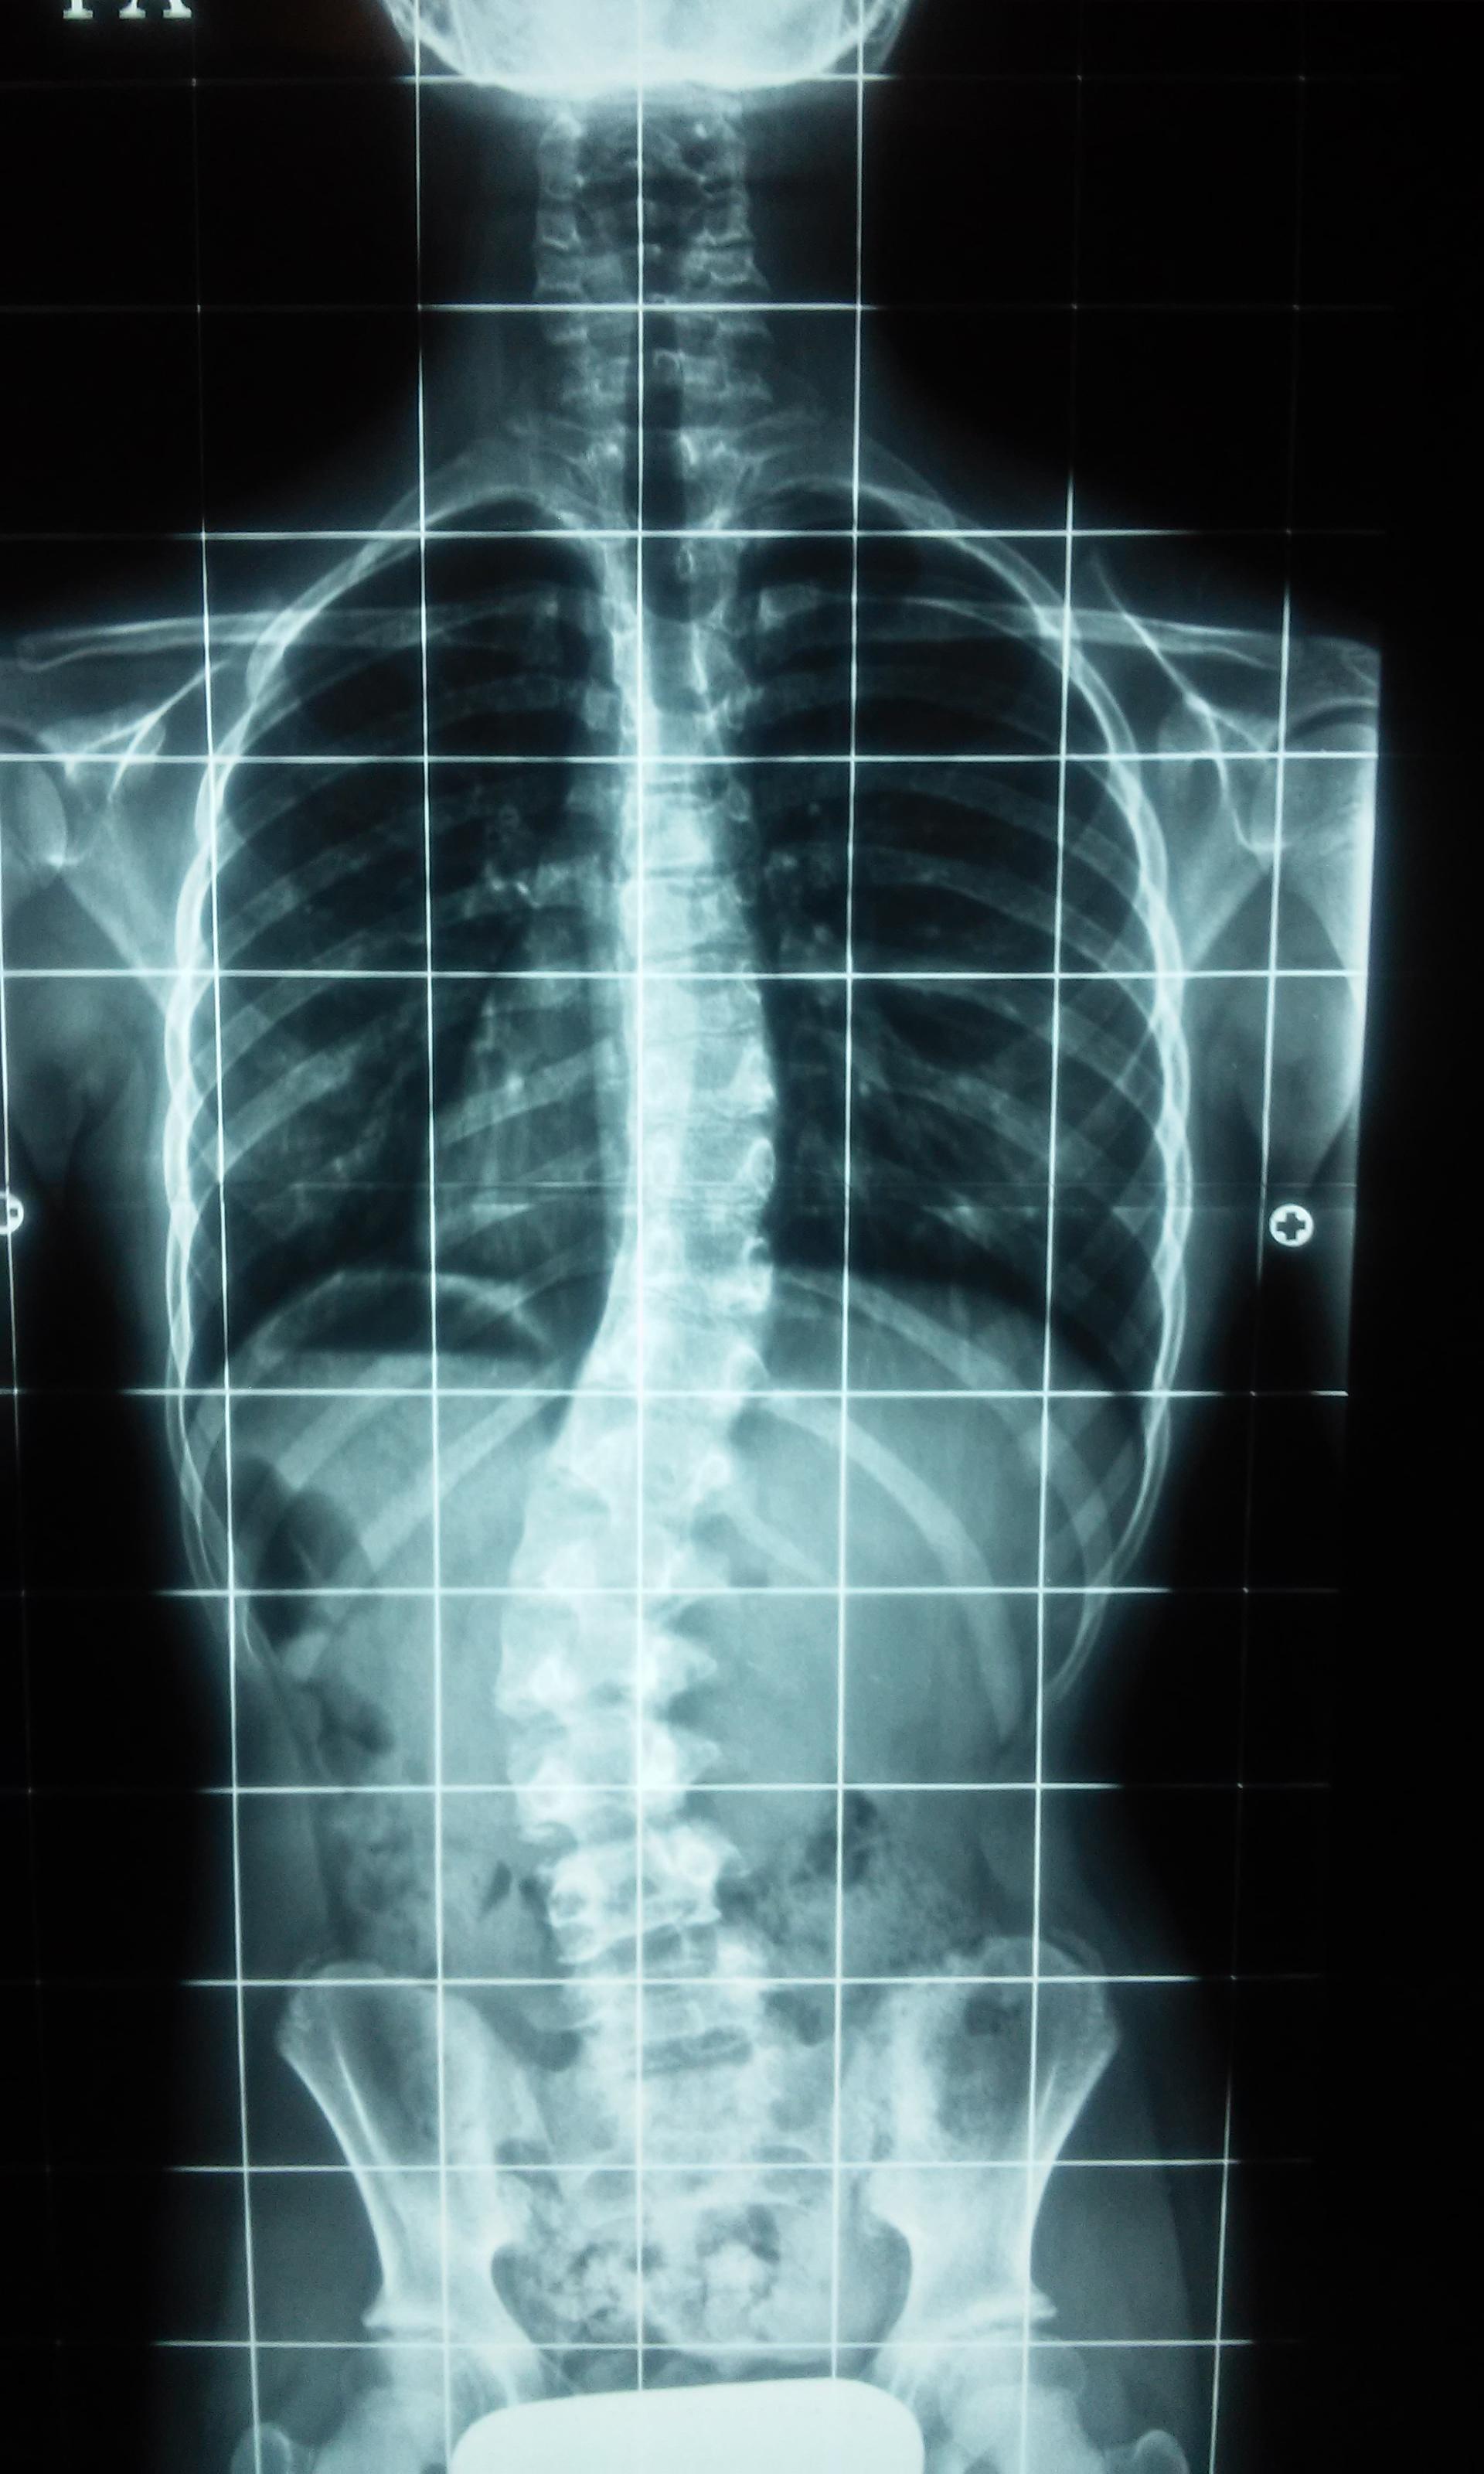 El vídeo del ejercicio para la espalda a la escoliosis para los niños del vídeo